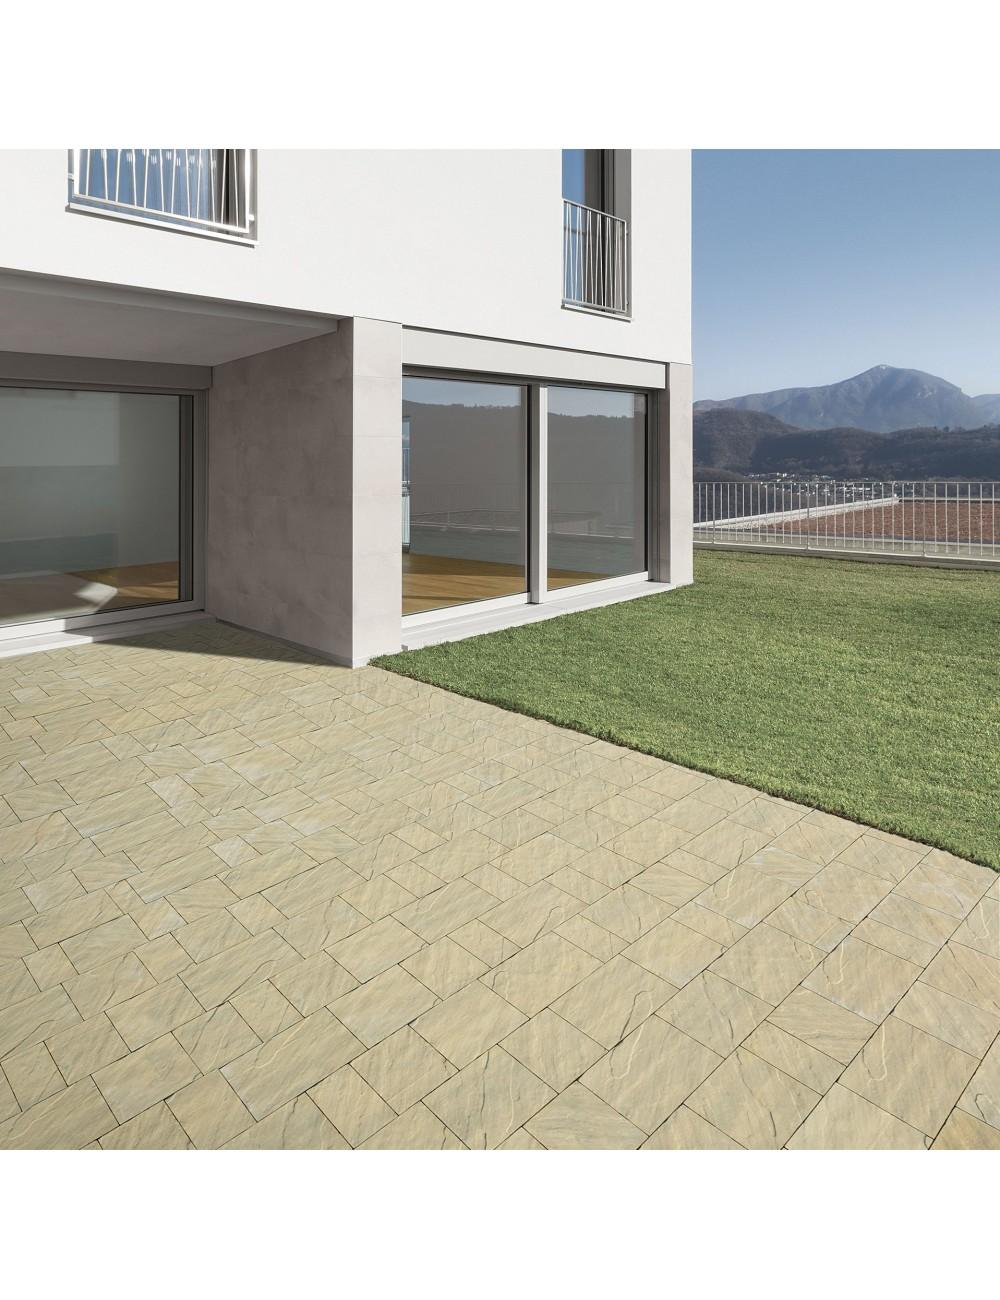 Pavimento da esterno autobloccanti filtranti Maspe serie skema sandstone giallo reale